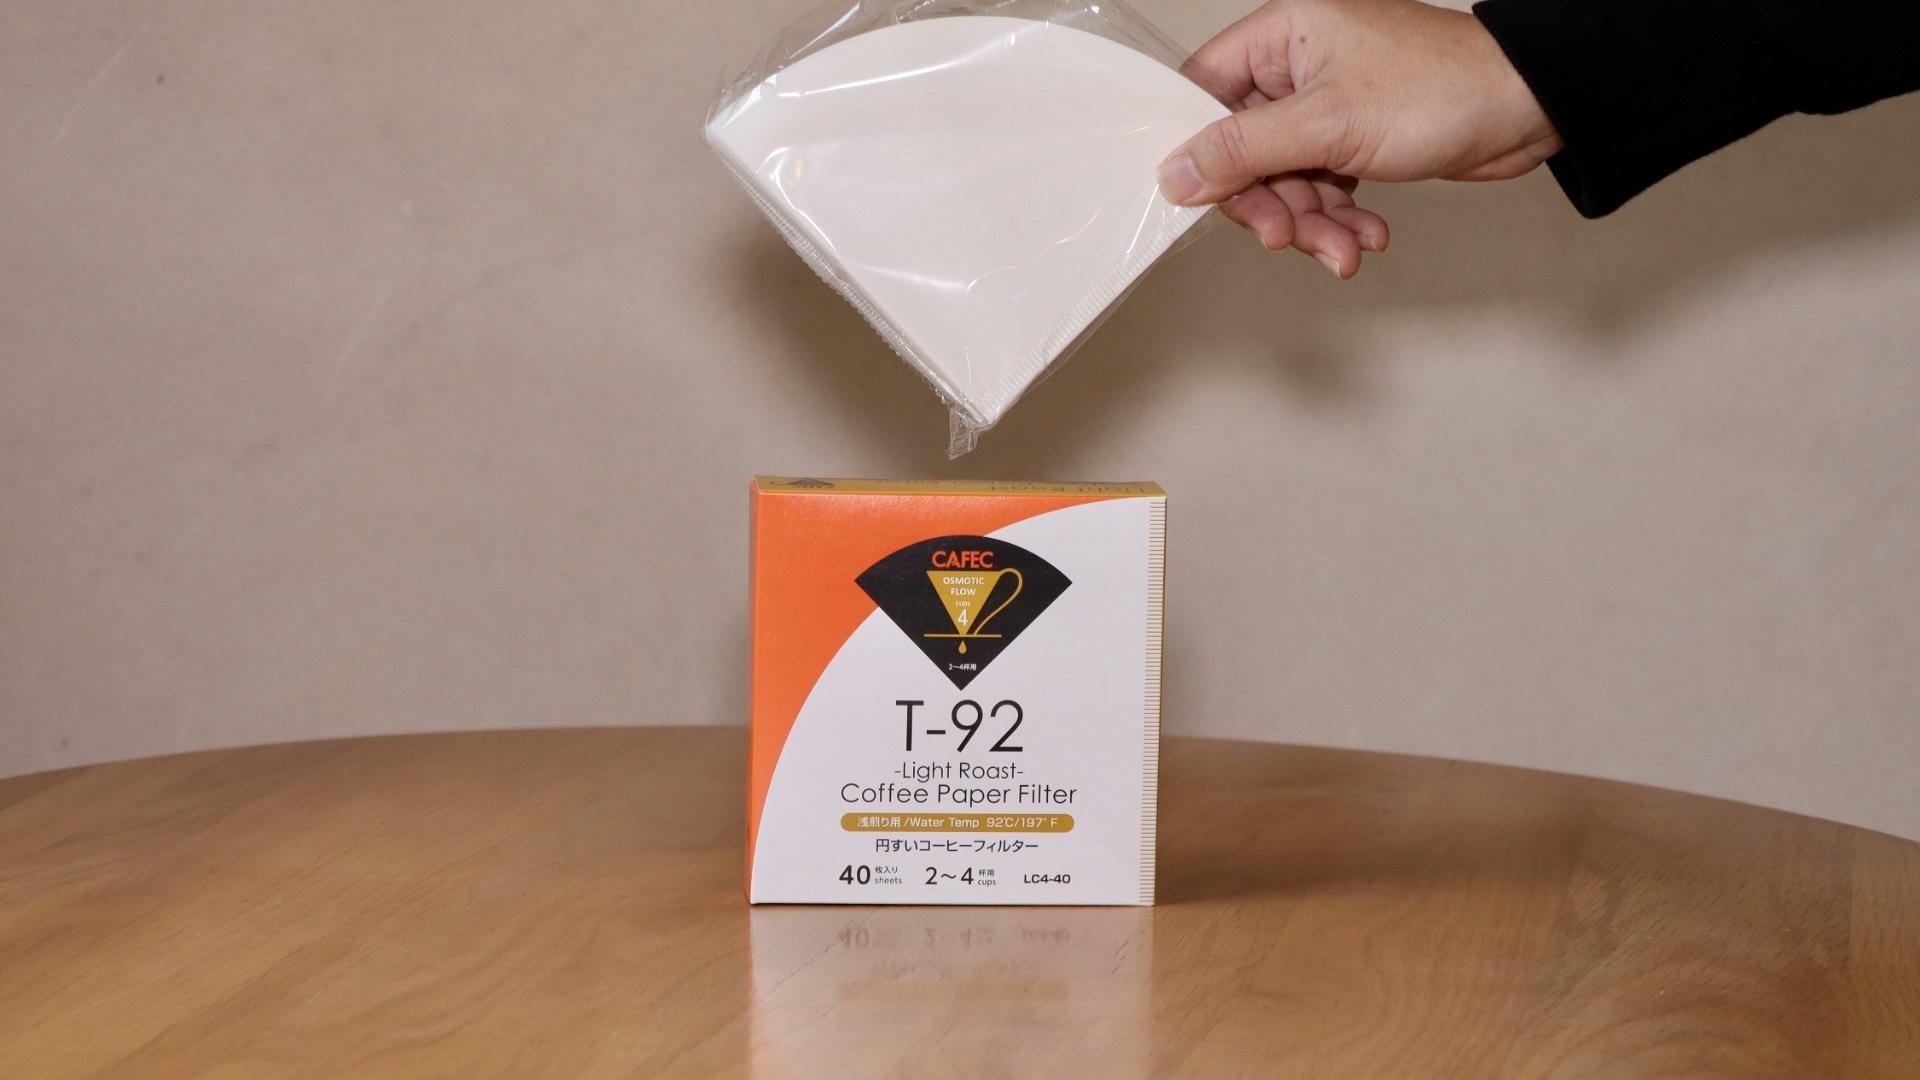 (2-4杯用)焙煎度別ペーパーフィルターお試し3種類セット